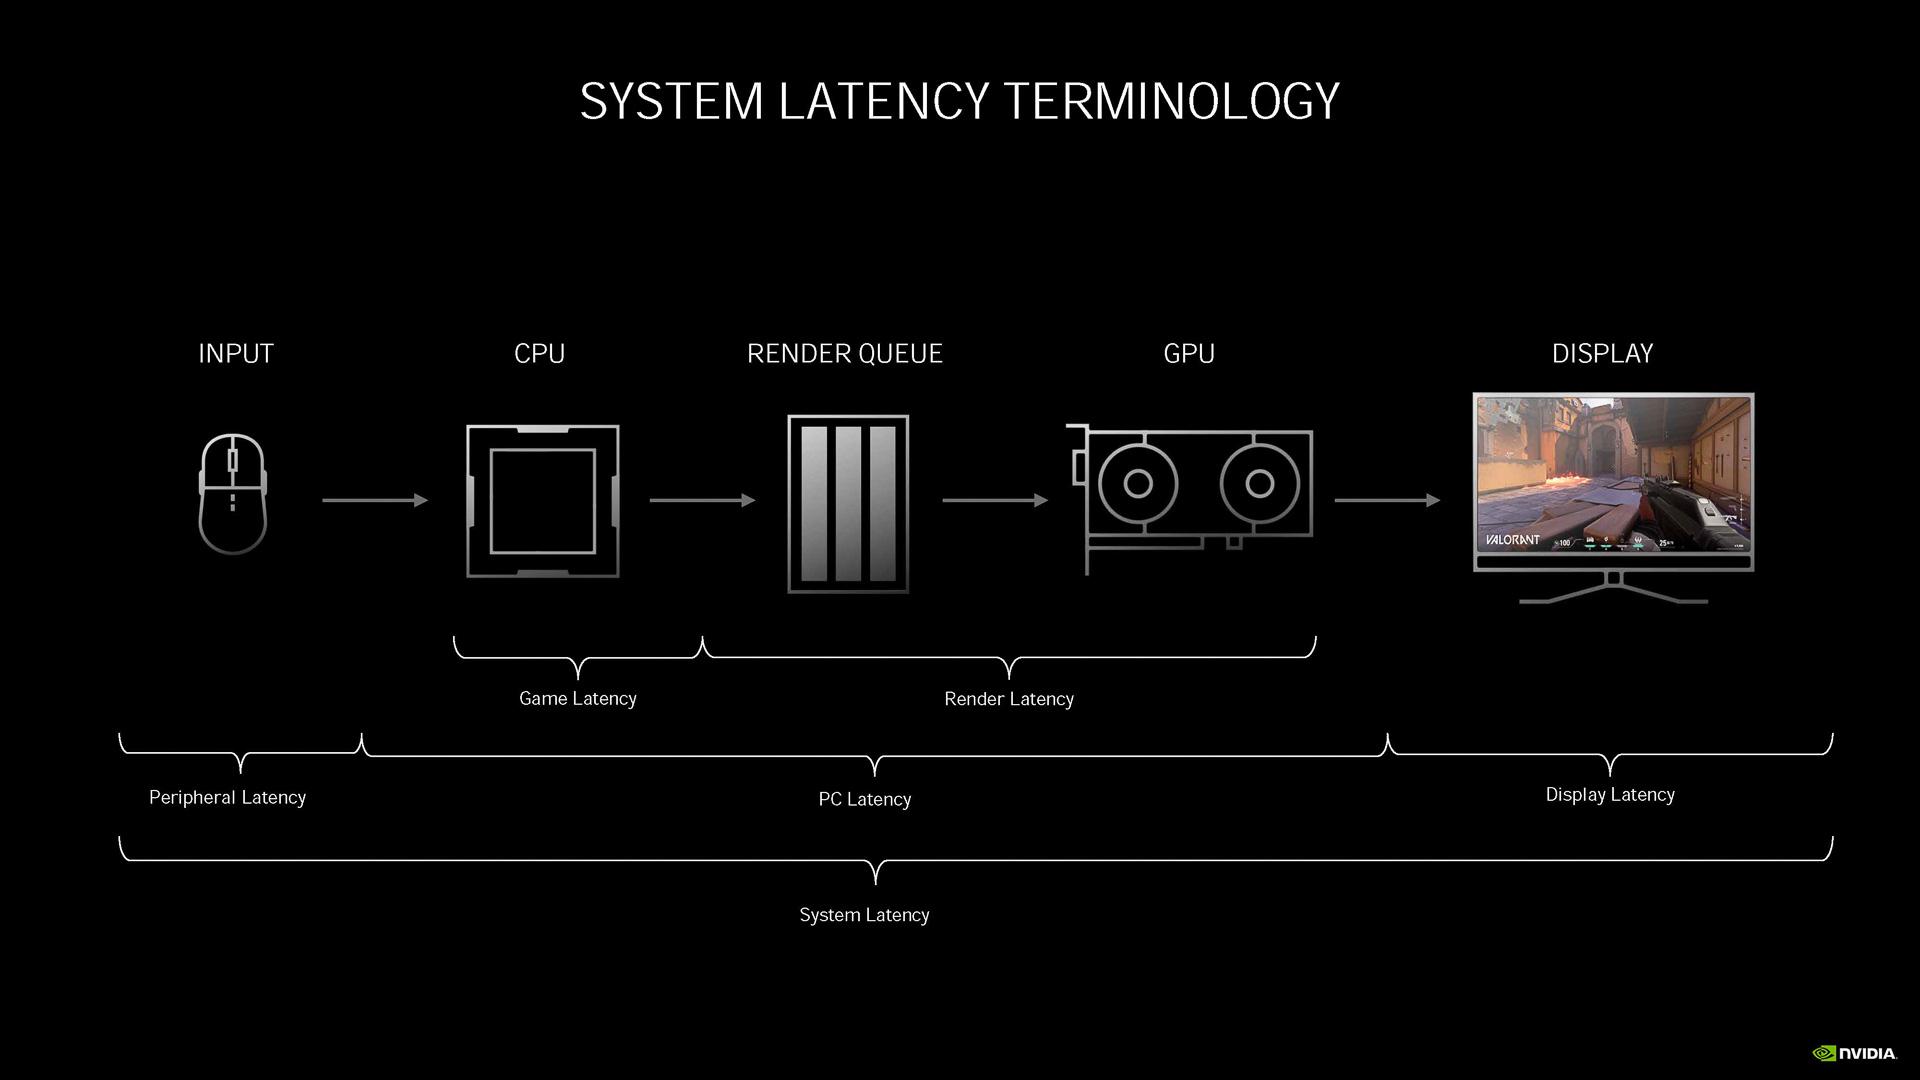 レイテンシとはマウスやゲームパッドなどのデバイスを操作してから、ディスプレイにその操作の結果が表示されるまでの時間、特にCPUとGPUにかかる割合が大きい